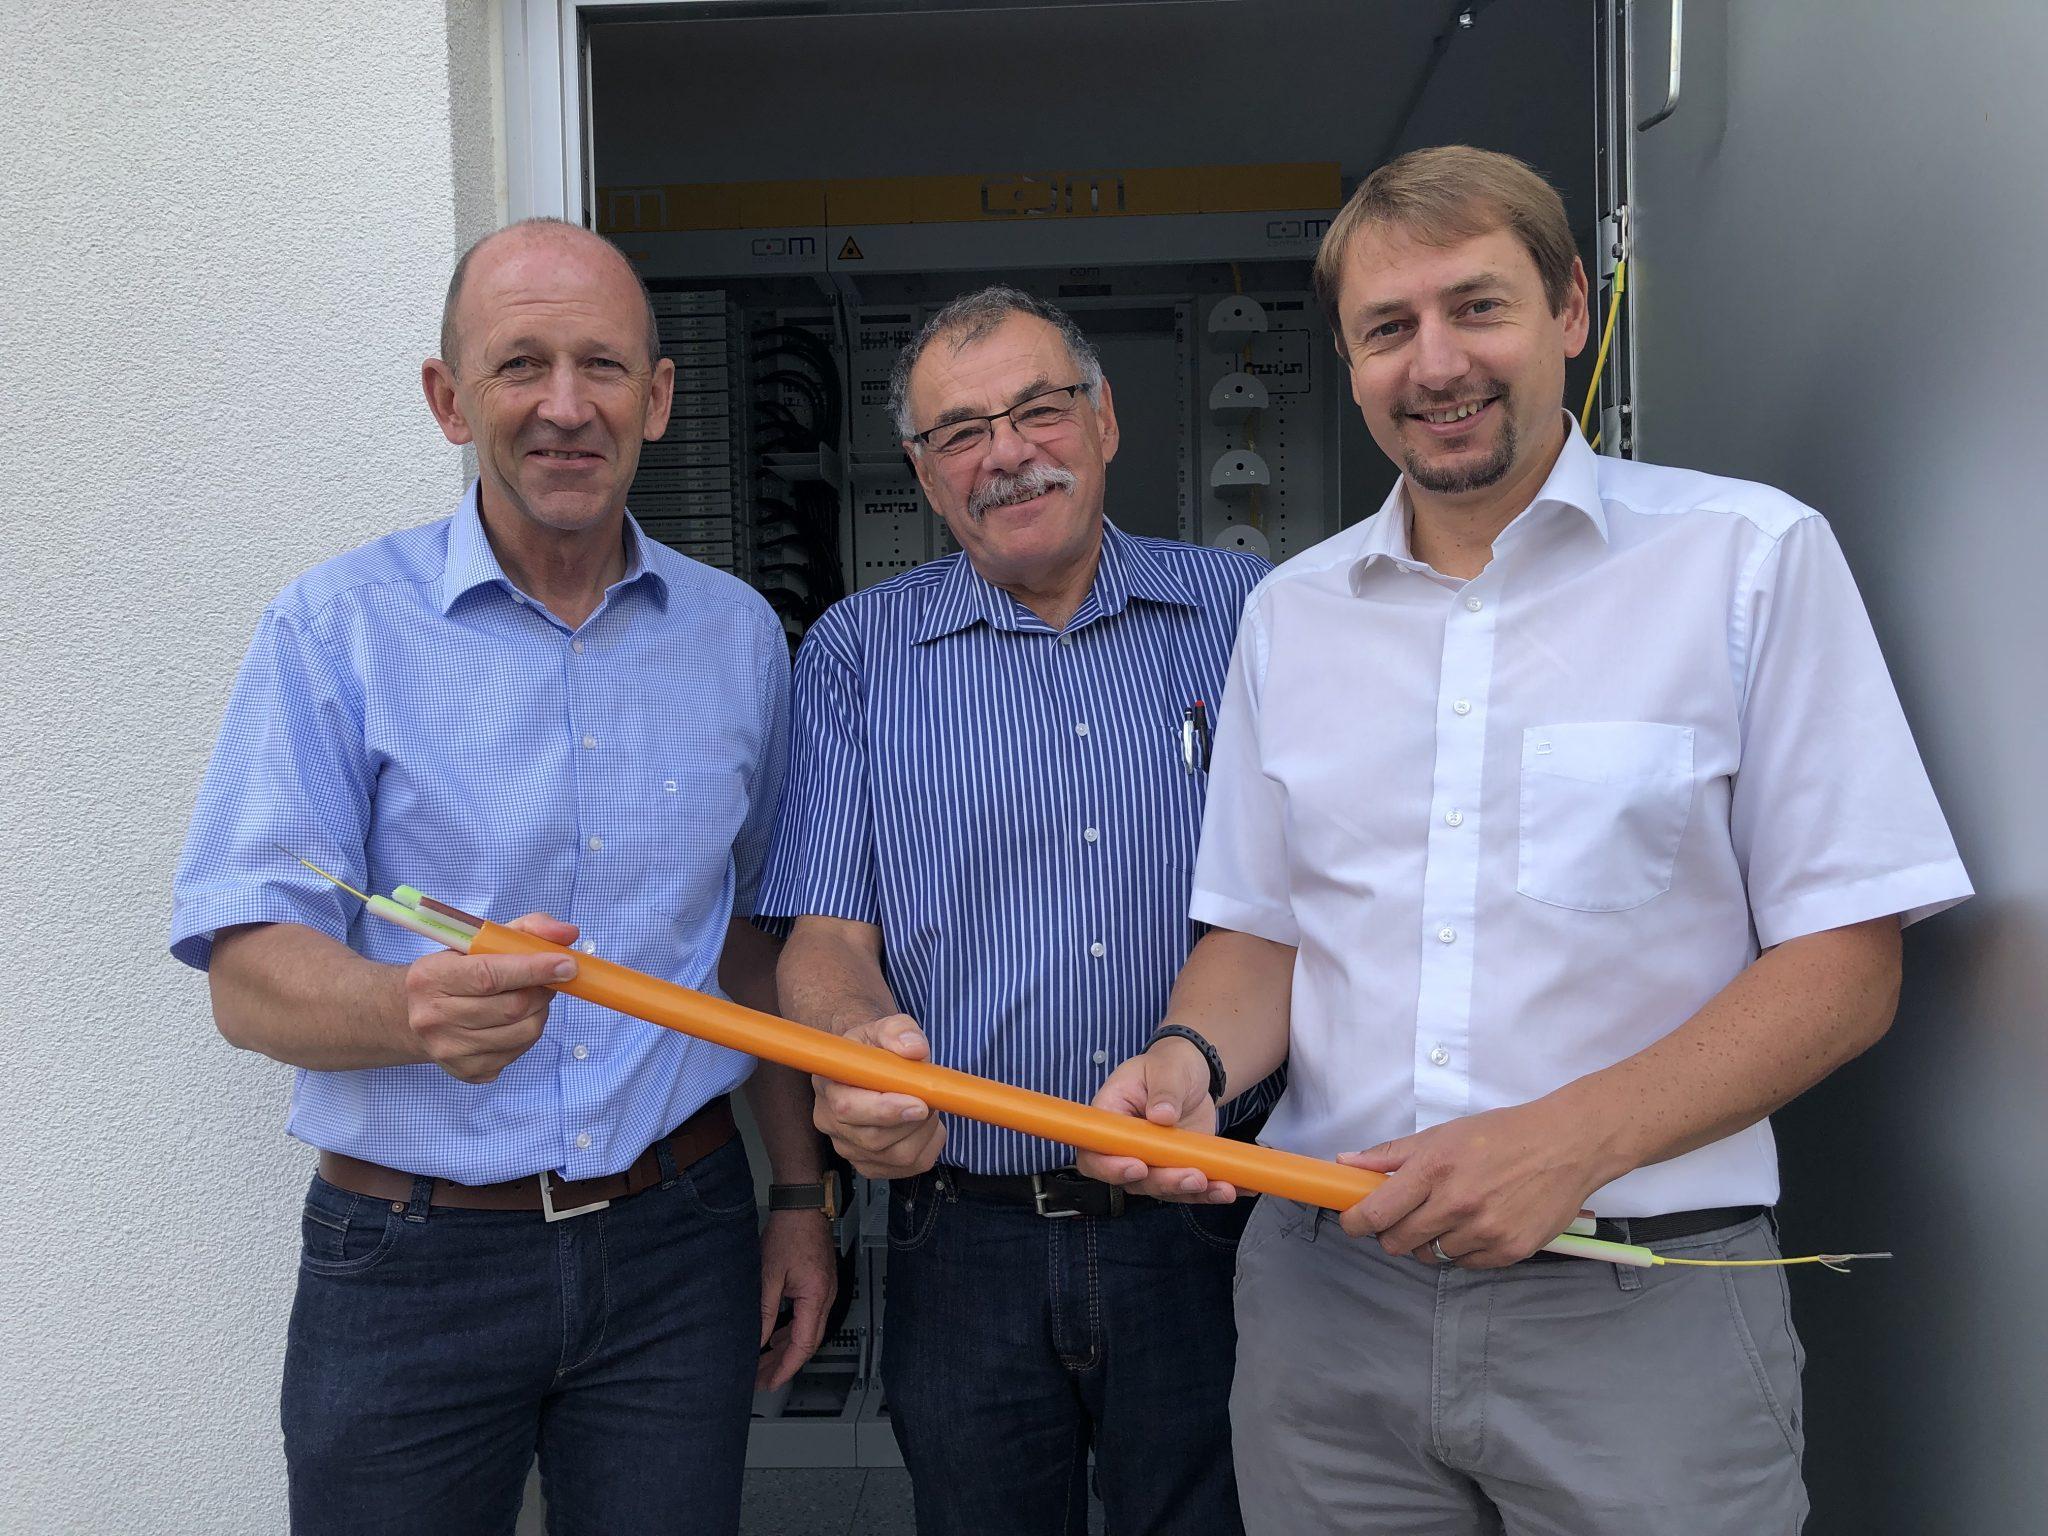 In Mettenberg und Buggenried ist das Glasfasernetz ab sofort betriebsbereit. Surfen mit Highspeed ist nun möglich.